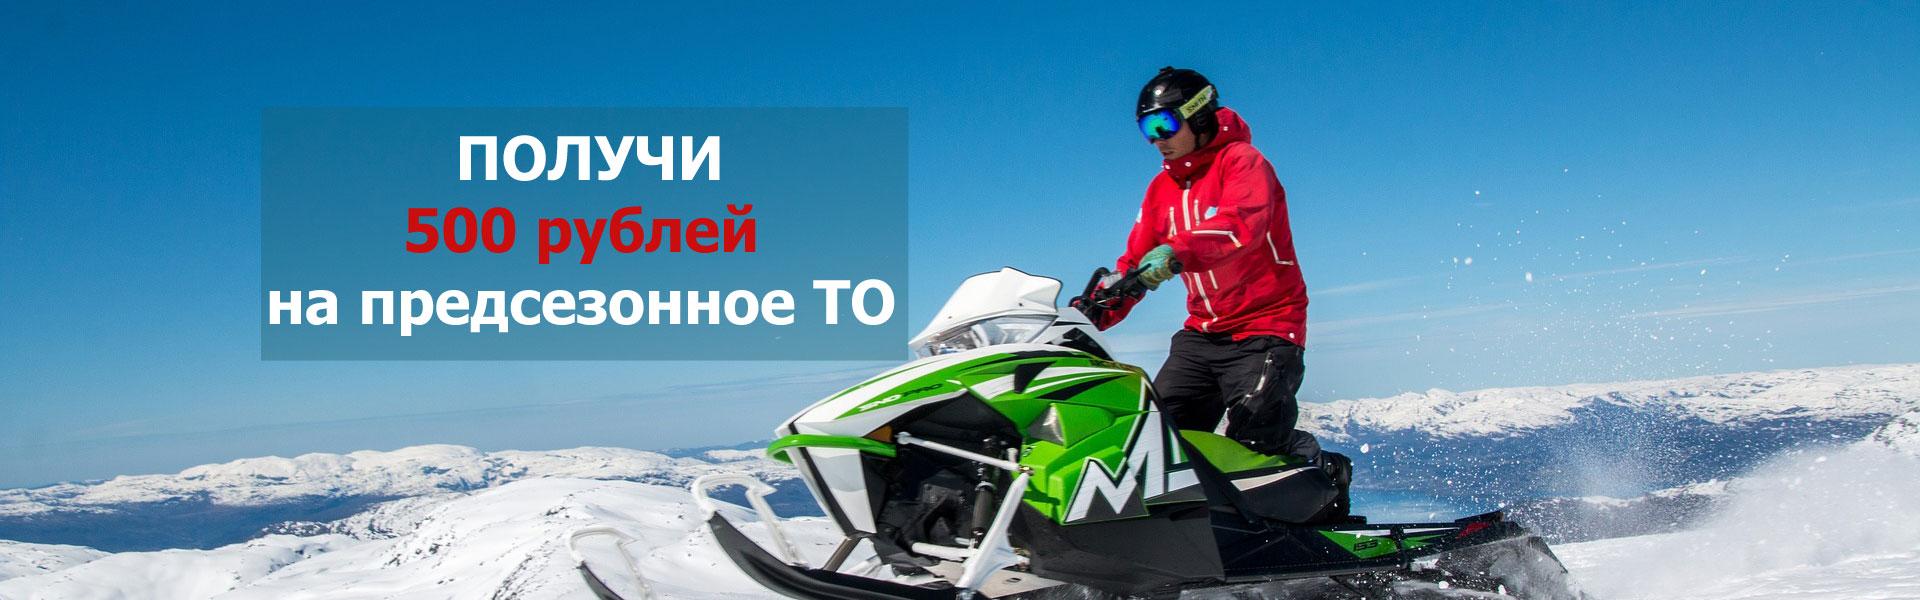 snegohod_omsk